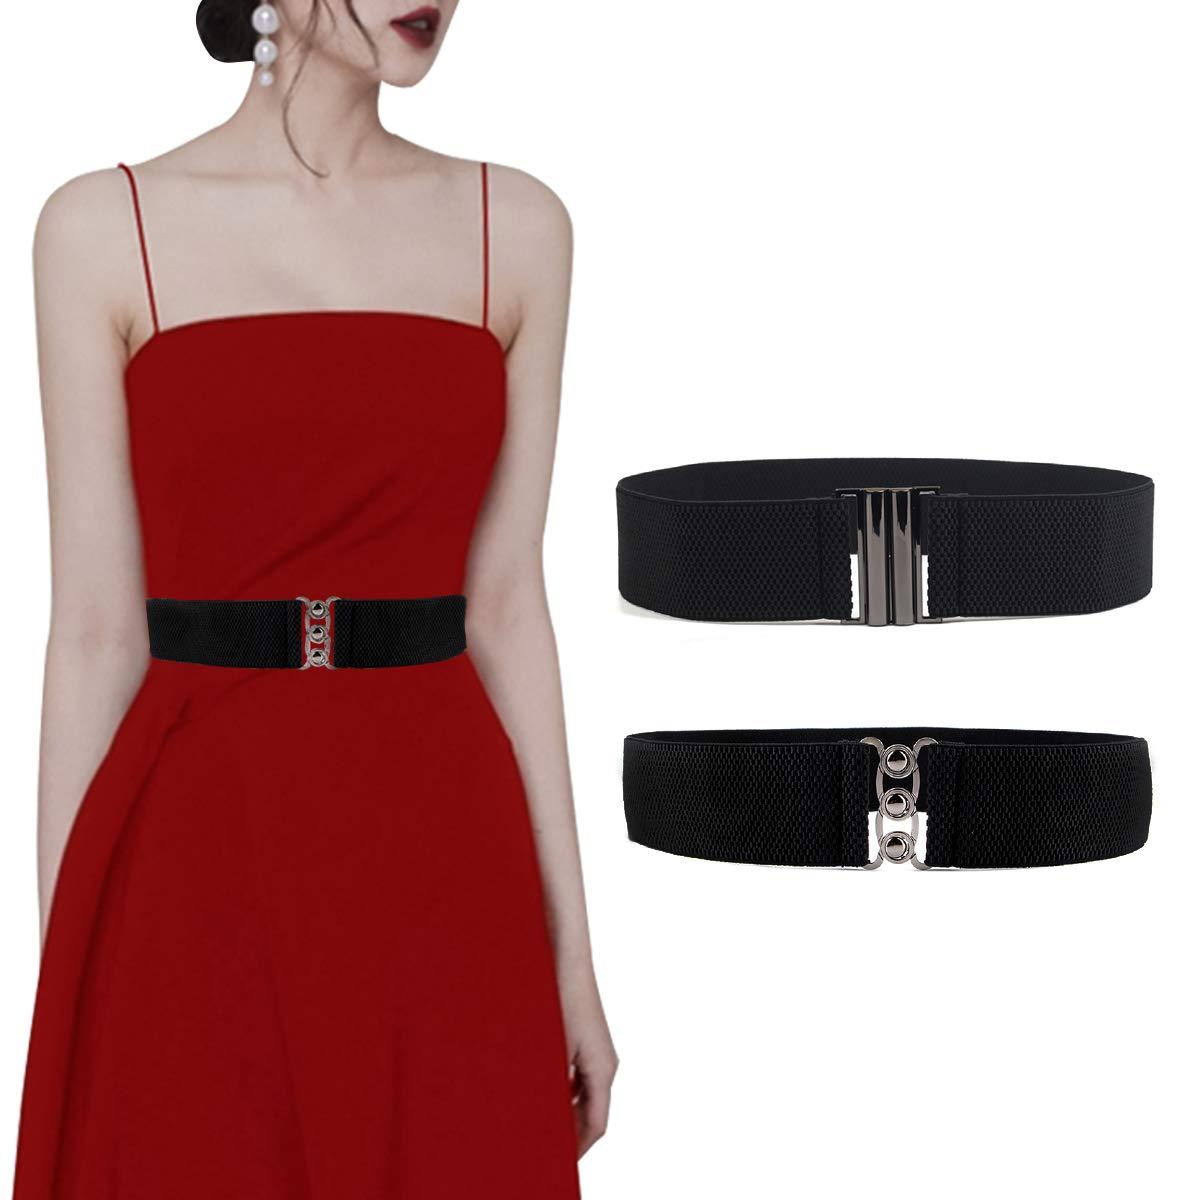 Lalafancy 2 Stück elastischen Flach Schnalle Gürtel Damen Taillengürtel Mode Bund Kleid